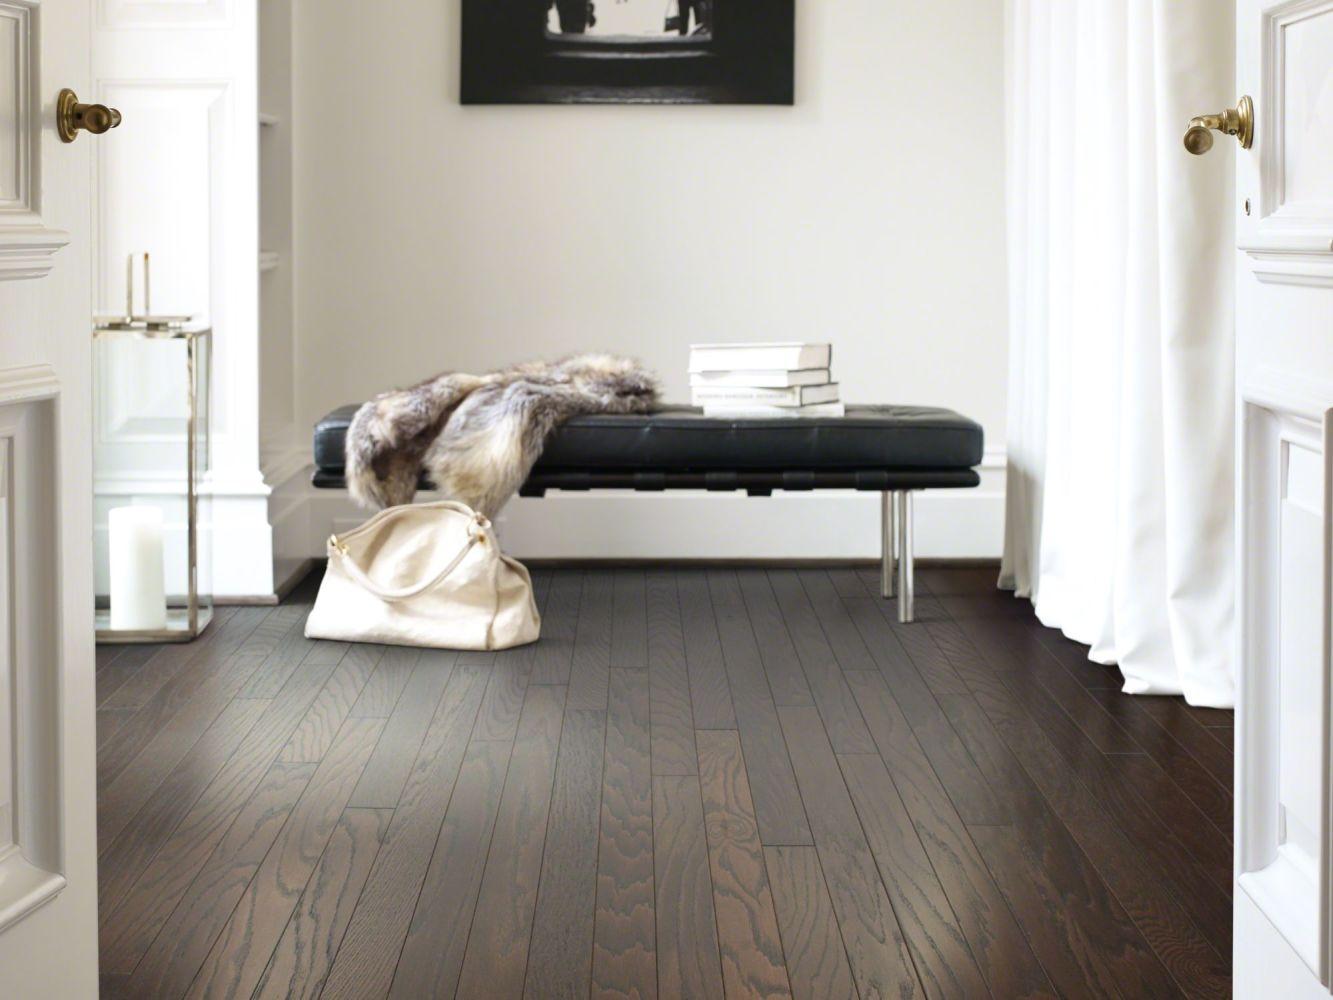 Shaw Floors Dr Horton Ann Arbor 3.25 Chocolate 07011_DR667